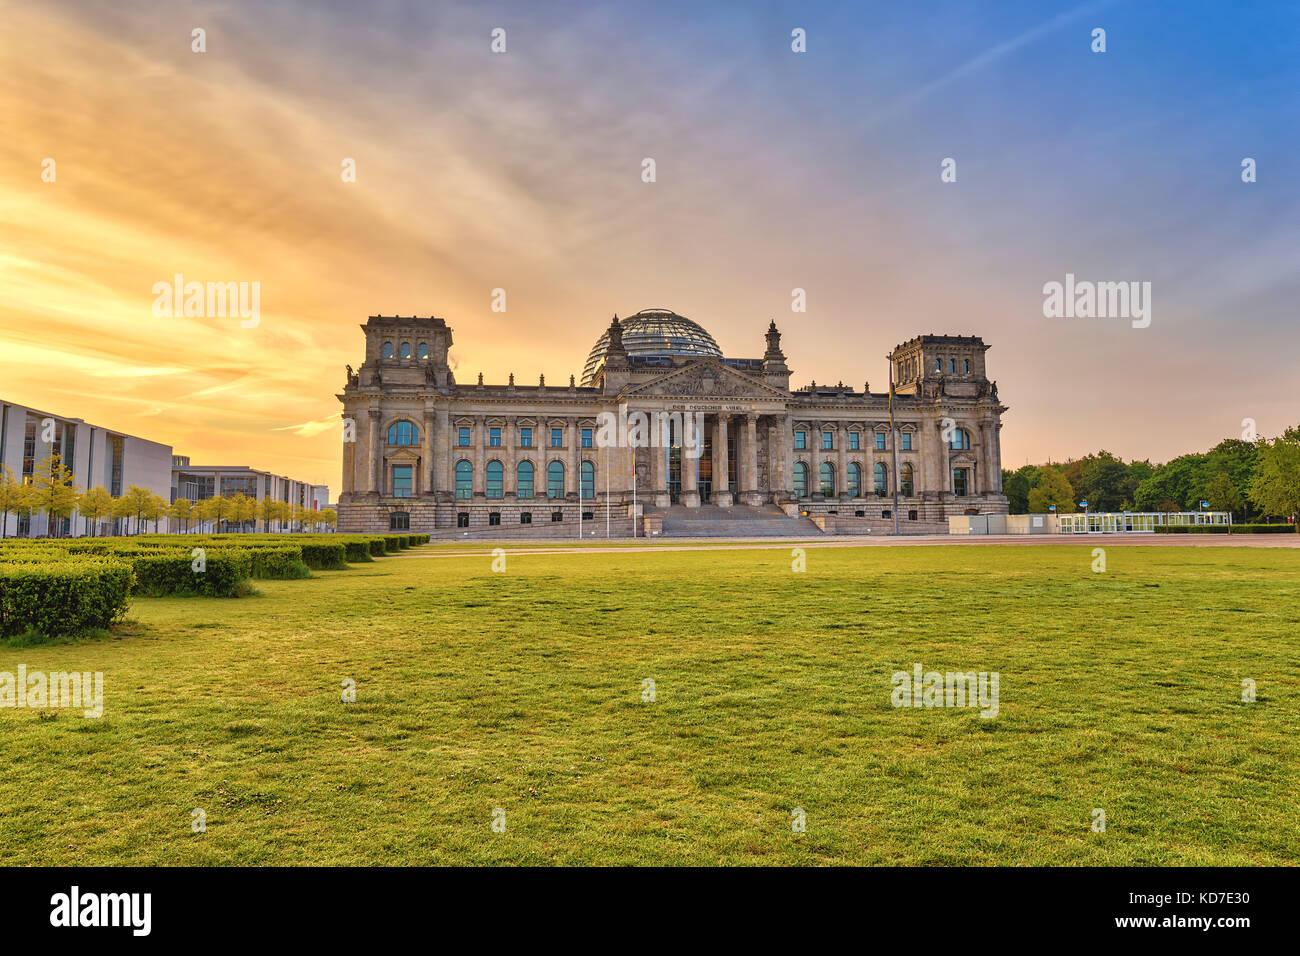 Amanecer en el horizonte de la ciudad de Berlín Reichstag (parlamento alemán), Berlín, Alemania Imagen De Stock